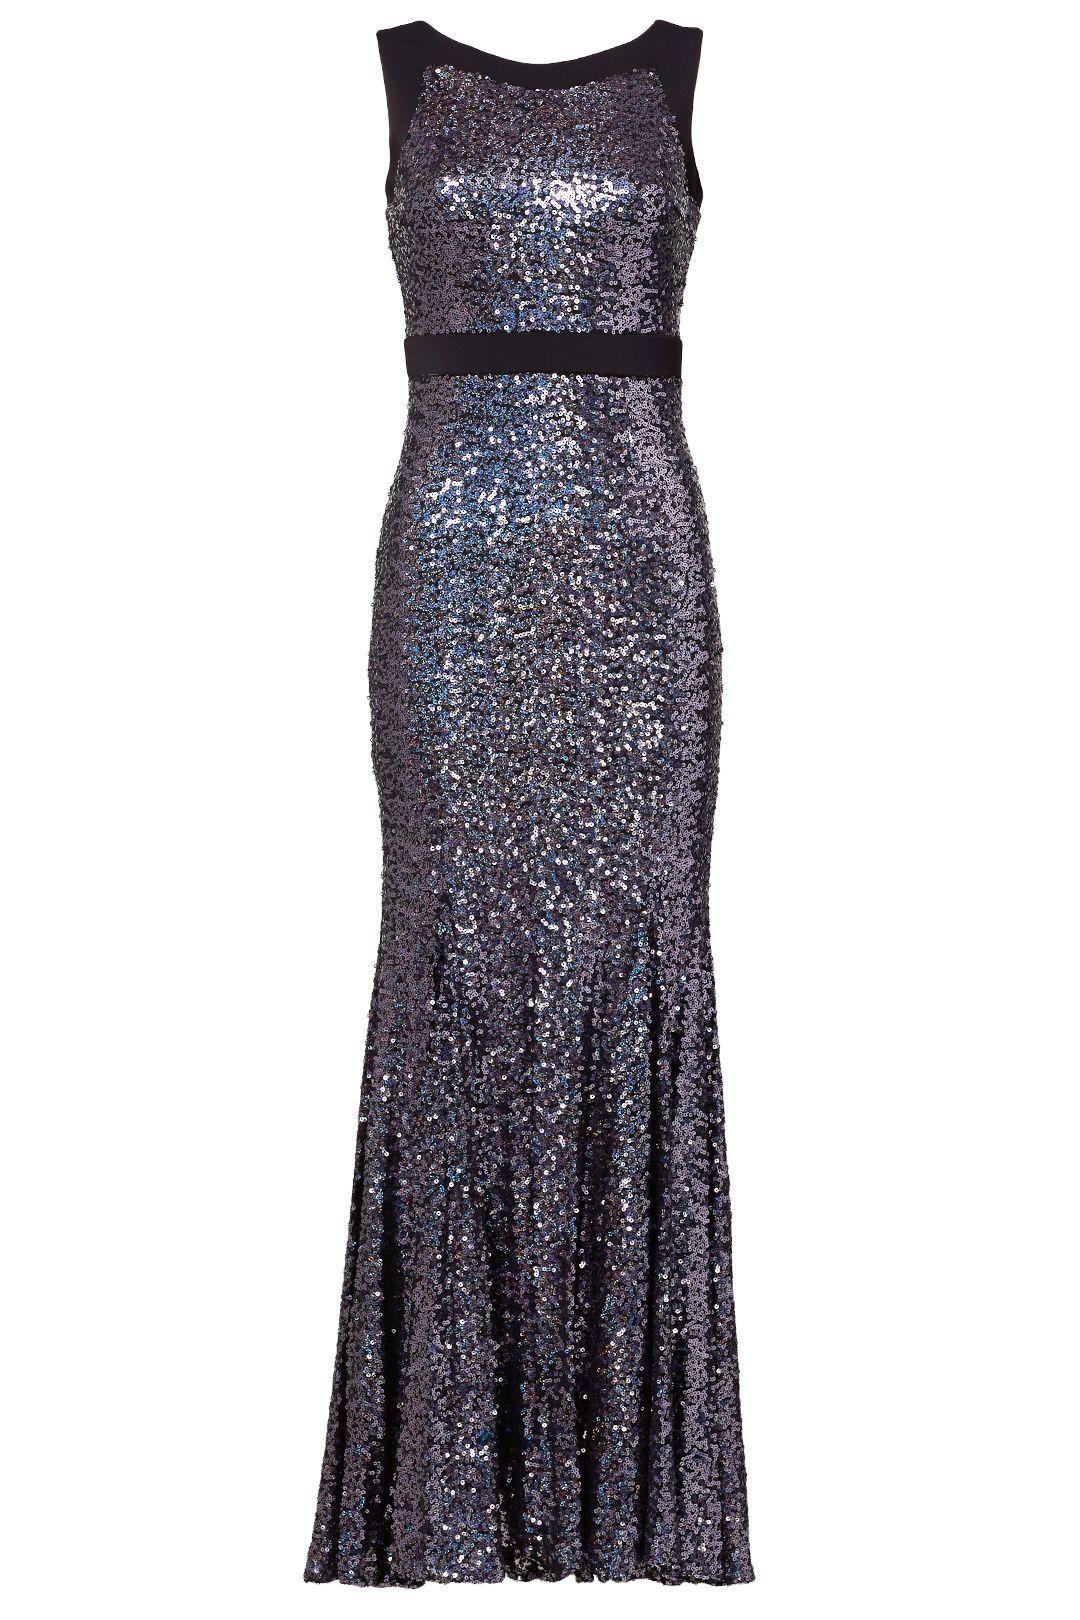 https://www.renttherunway.com/shop/designers/badgley_mischka/plum_shine_gown